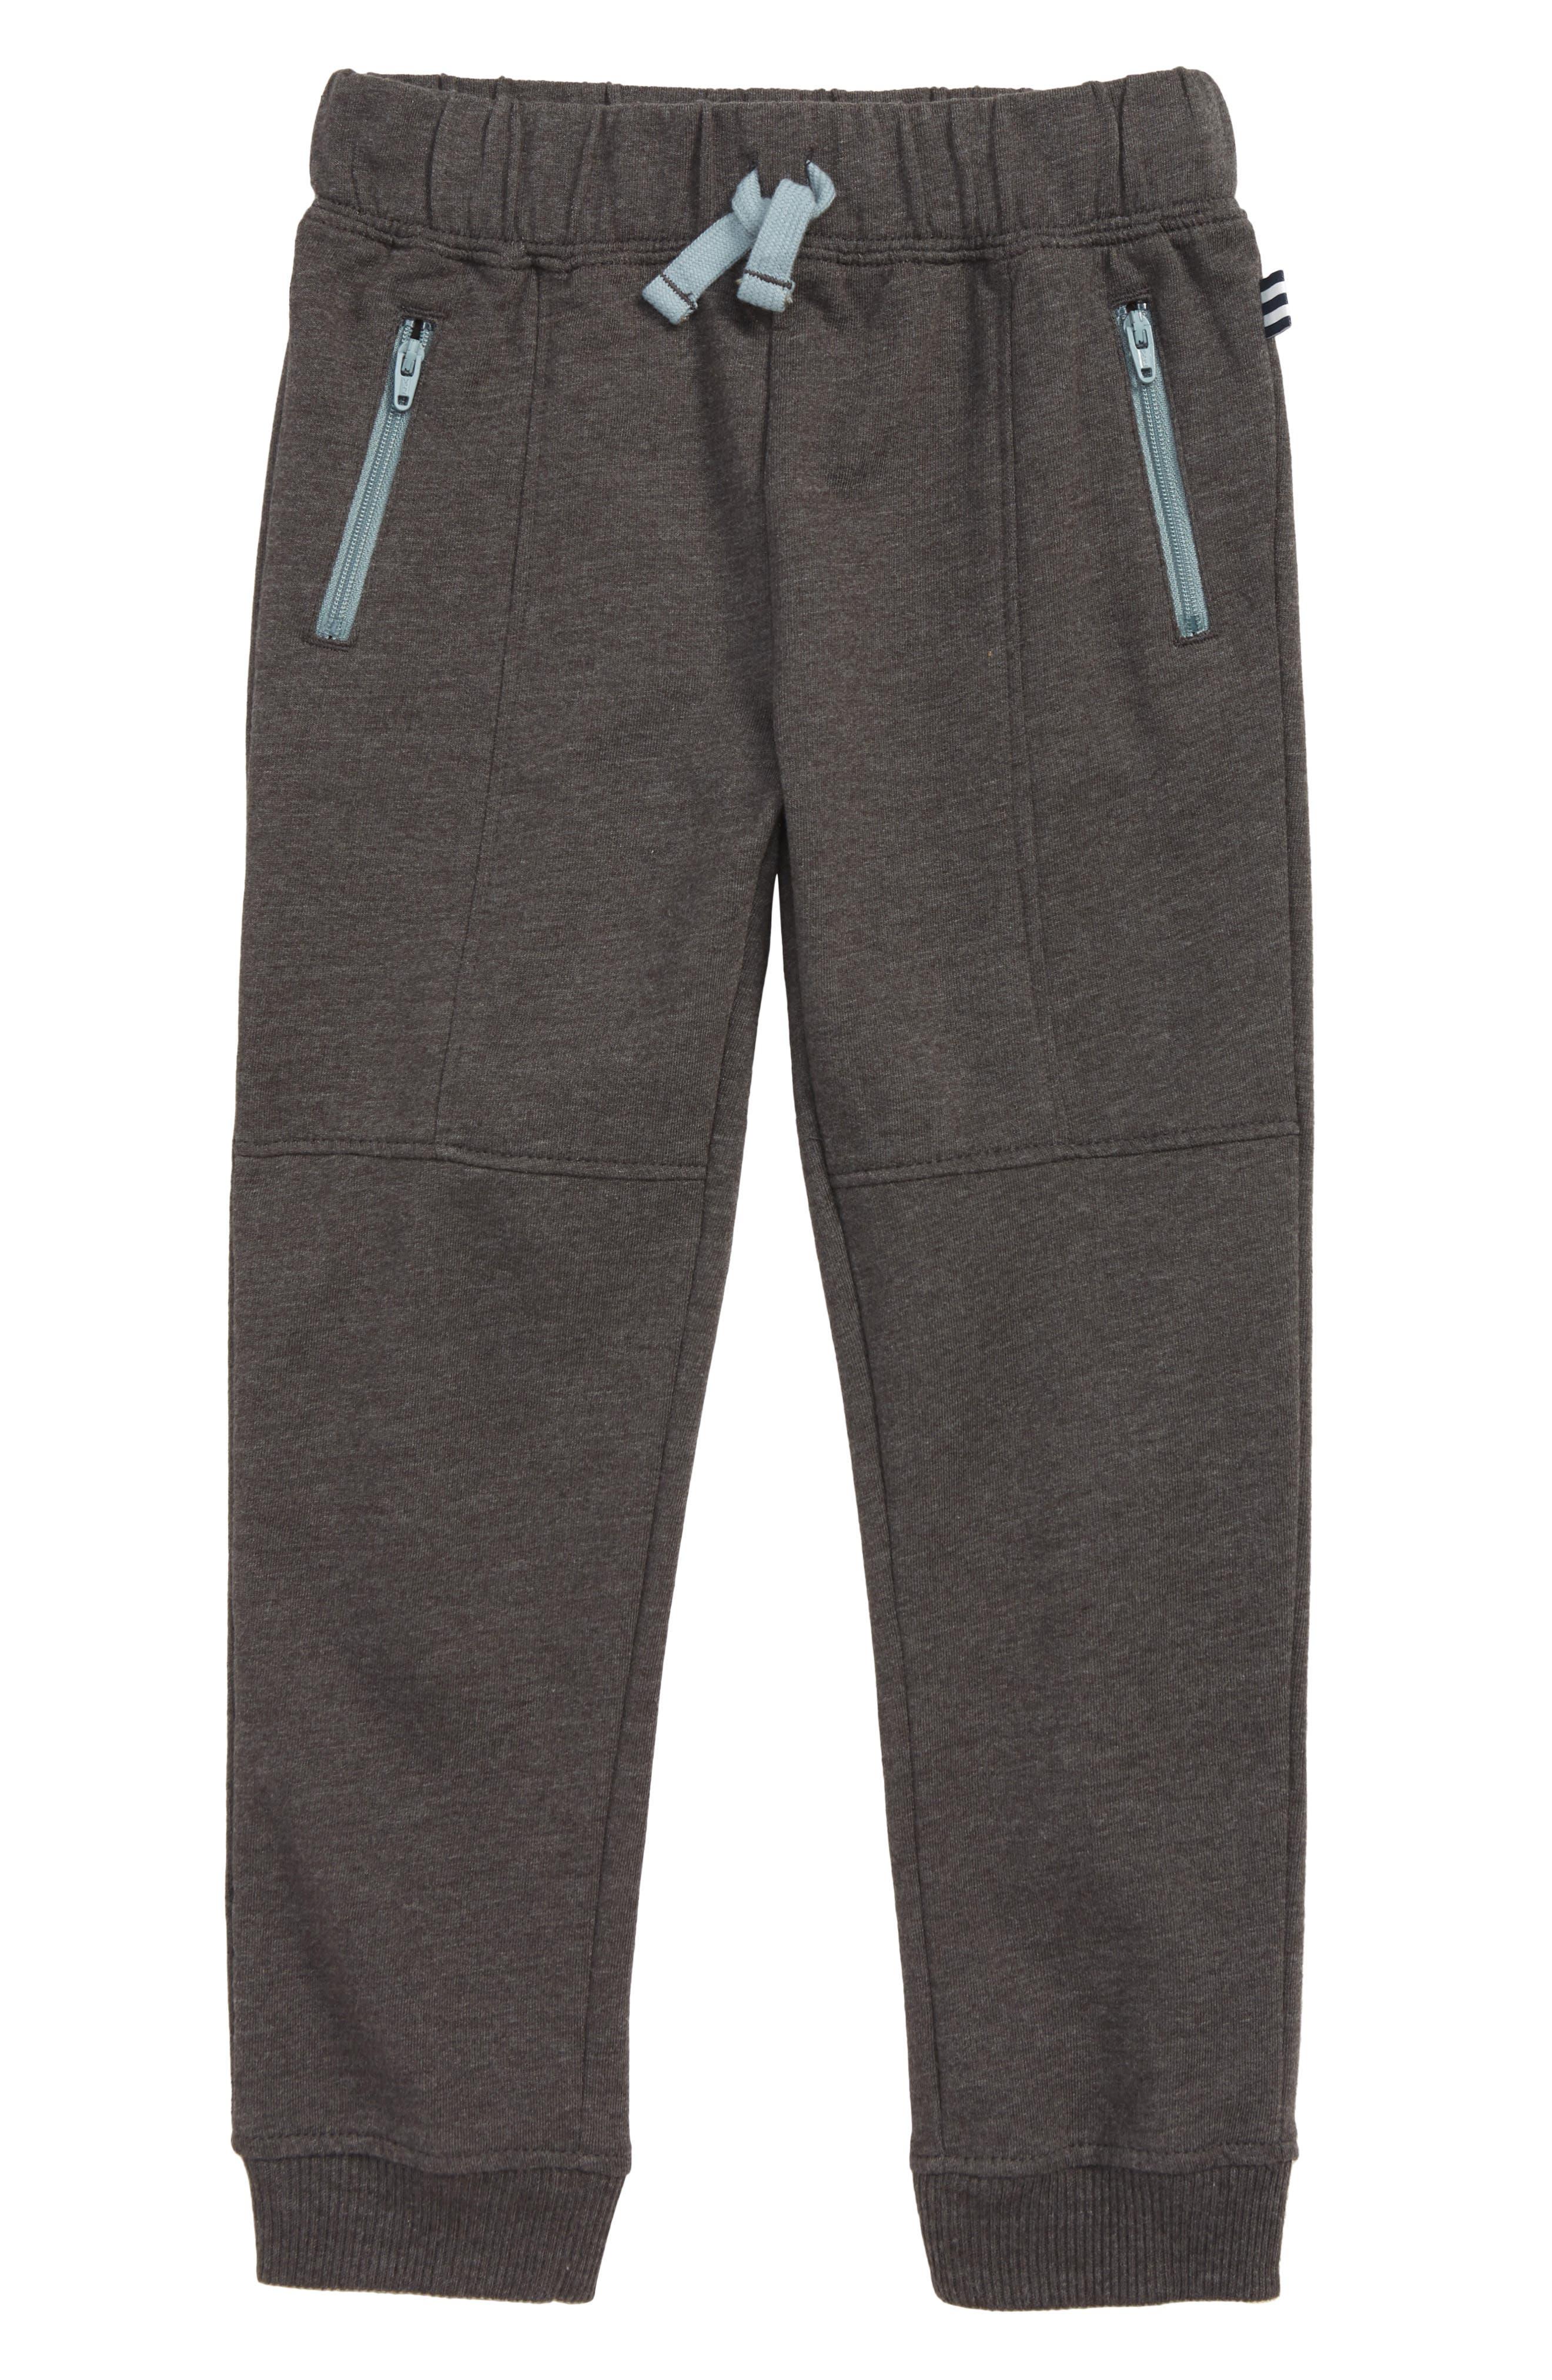 Toddler Boys Splendid Jogger Pants Size 4T  Grey